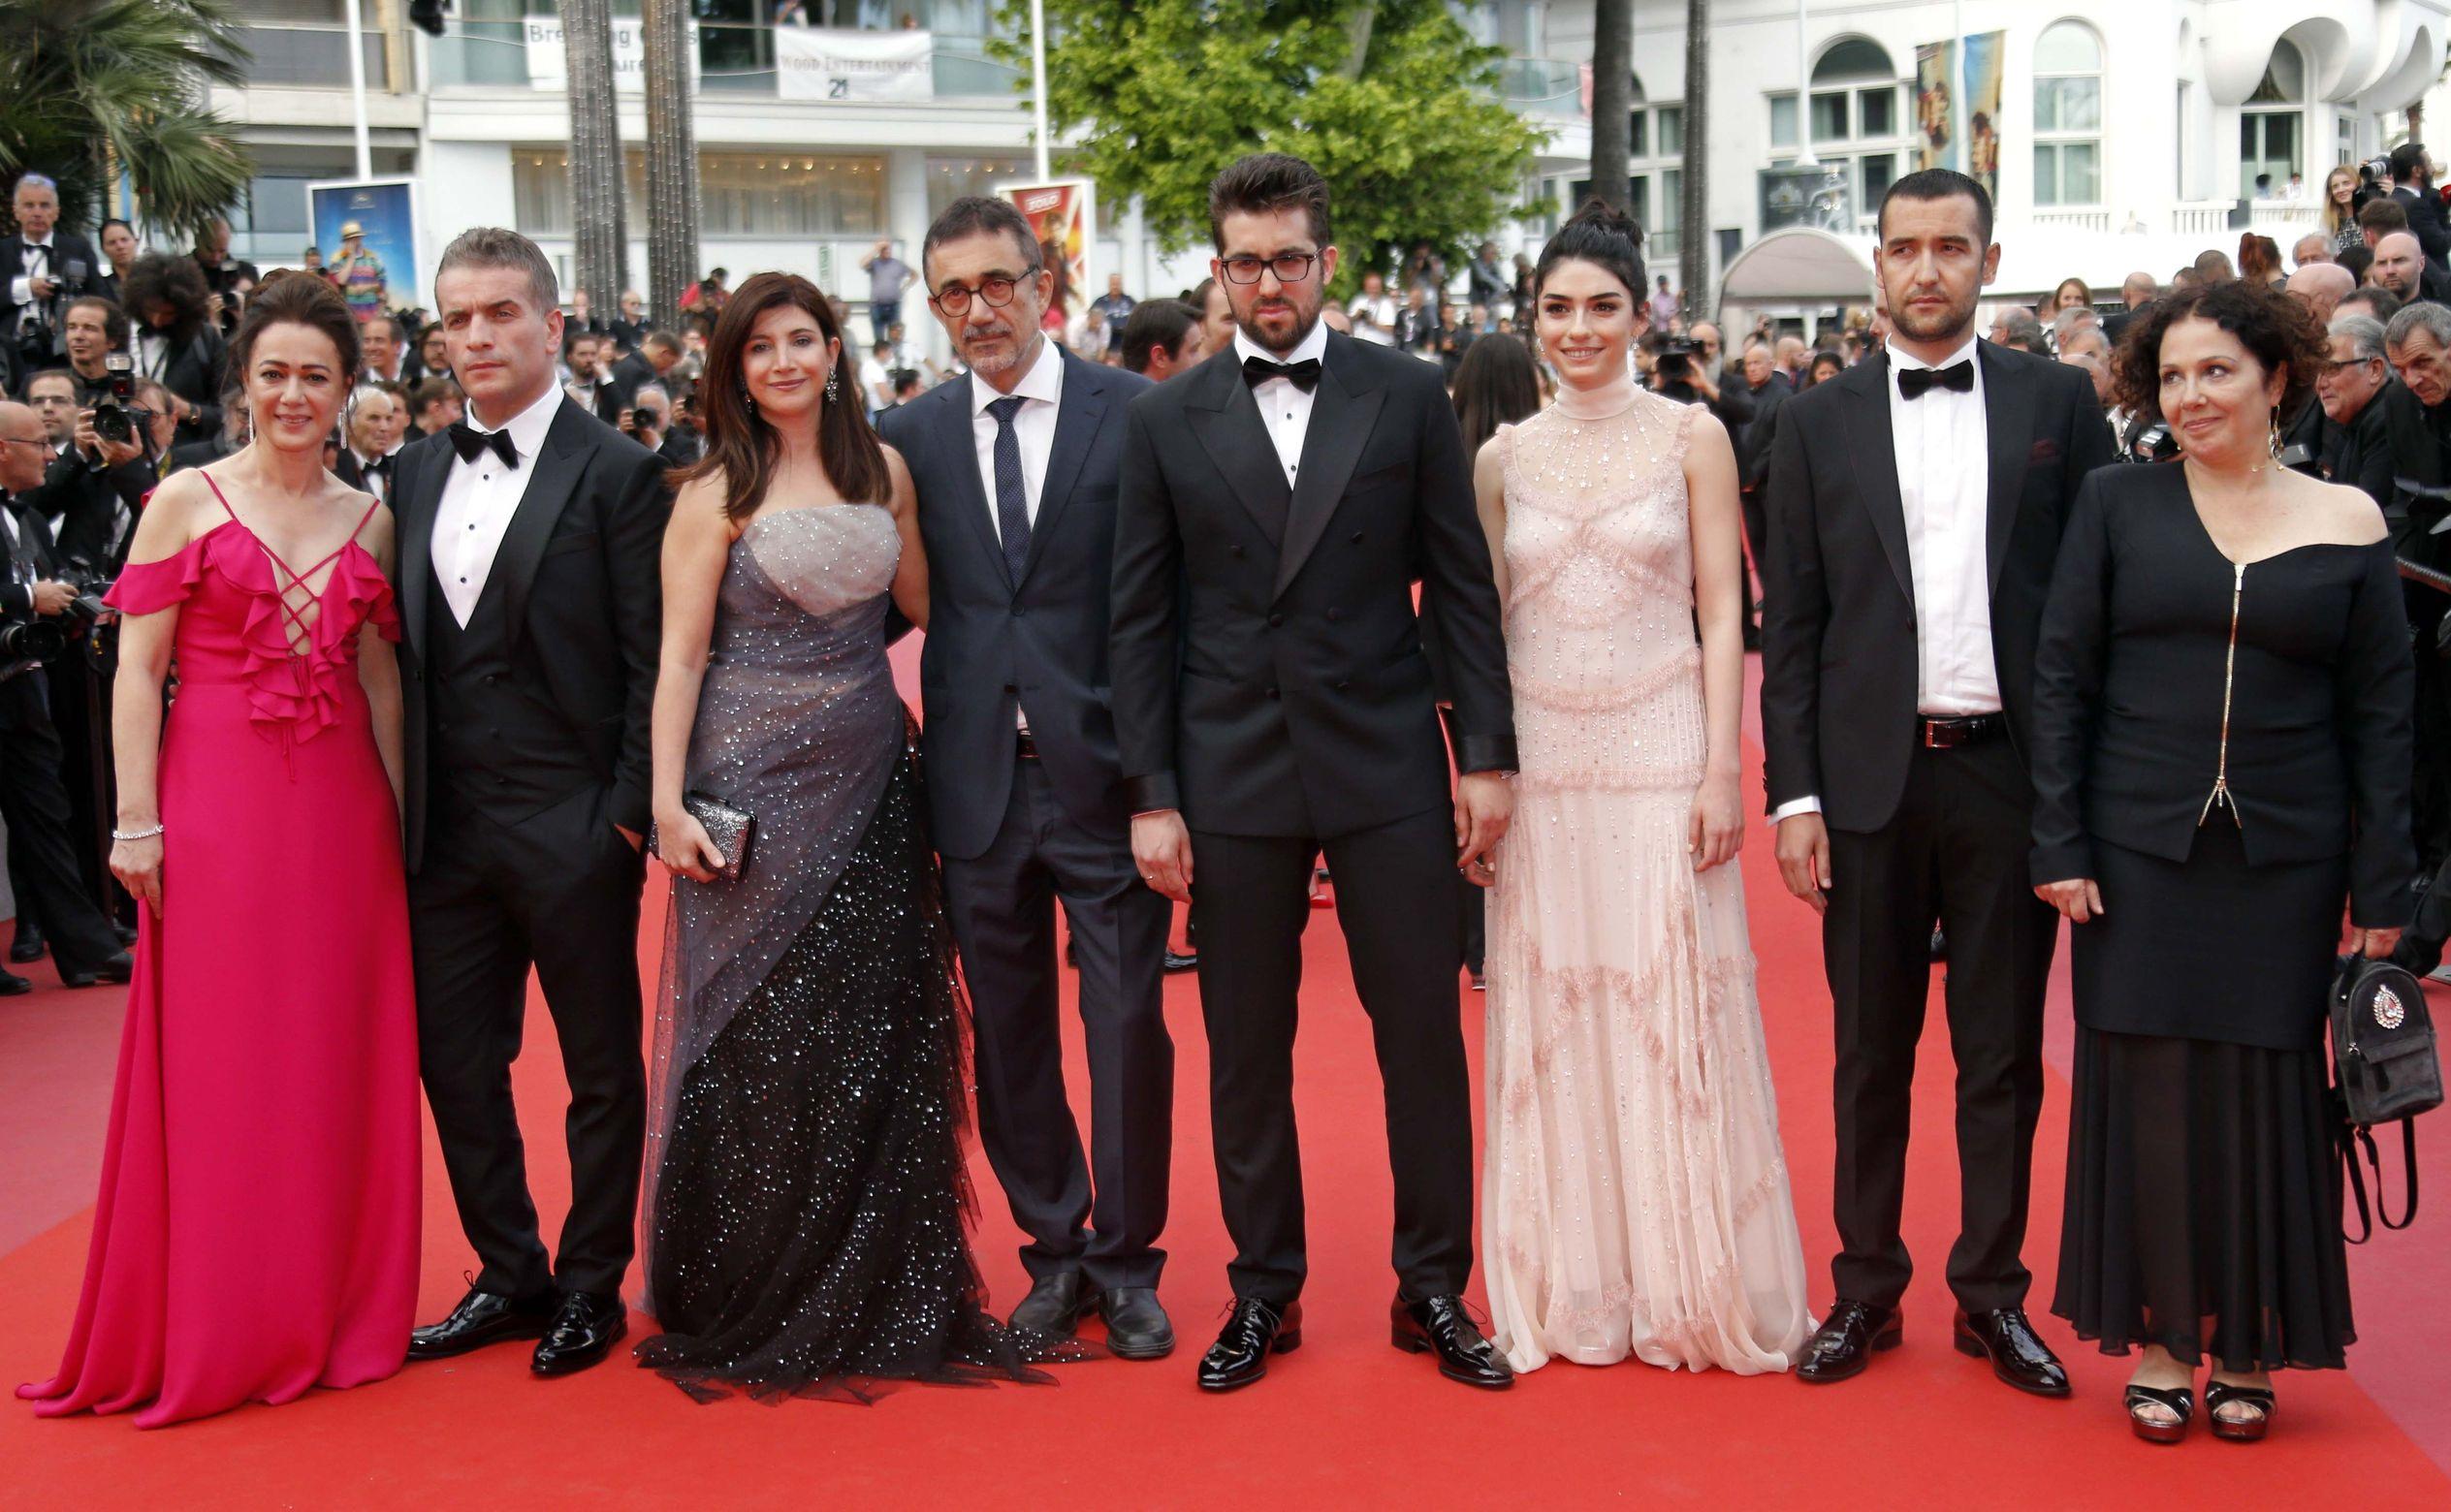 Bennu Yıldırımlar, Murat Cemcir, Ebru Ceylan, Nuri Bilge Ceylan, Doğu Demirkol, Hazar Ergüçlü, Zeynep Özbatur Atakan, 'Ahlat Ağacı'nın Cannes Film Festivali'ndeki prömiyerinde...